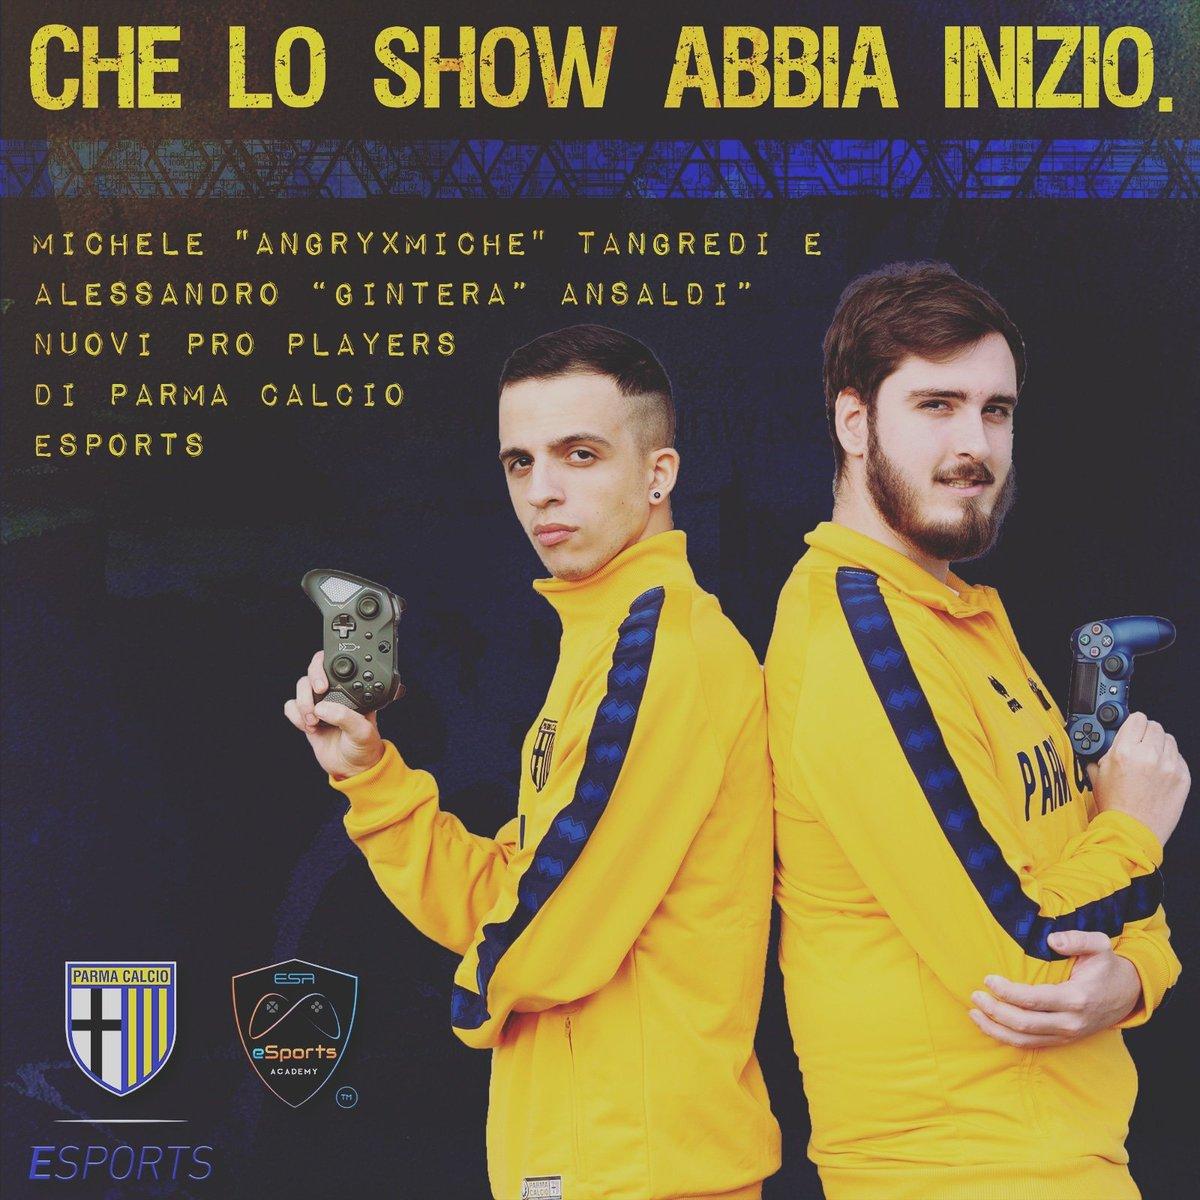 Sono fiero di annunciarvi che insieme a @gintera96  sarò il nuovo player del Parma Calcio e lo rappresenterò nell'imminente mondiale per e-Club